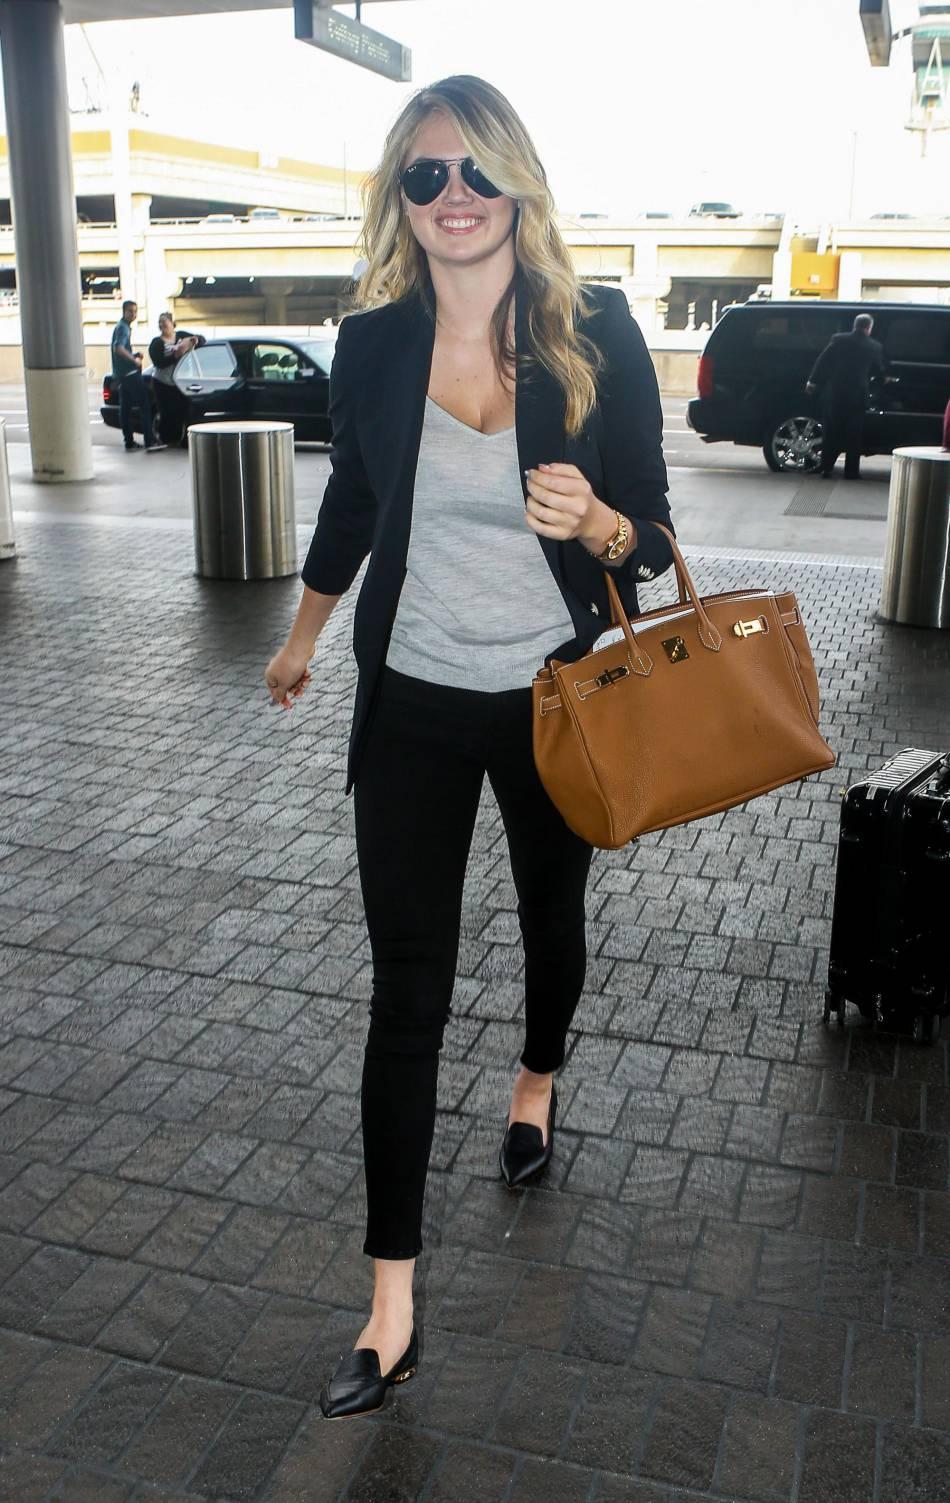 Kate Upton est sublime à l'aéroport de Los Angeles dans son look city chic.